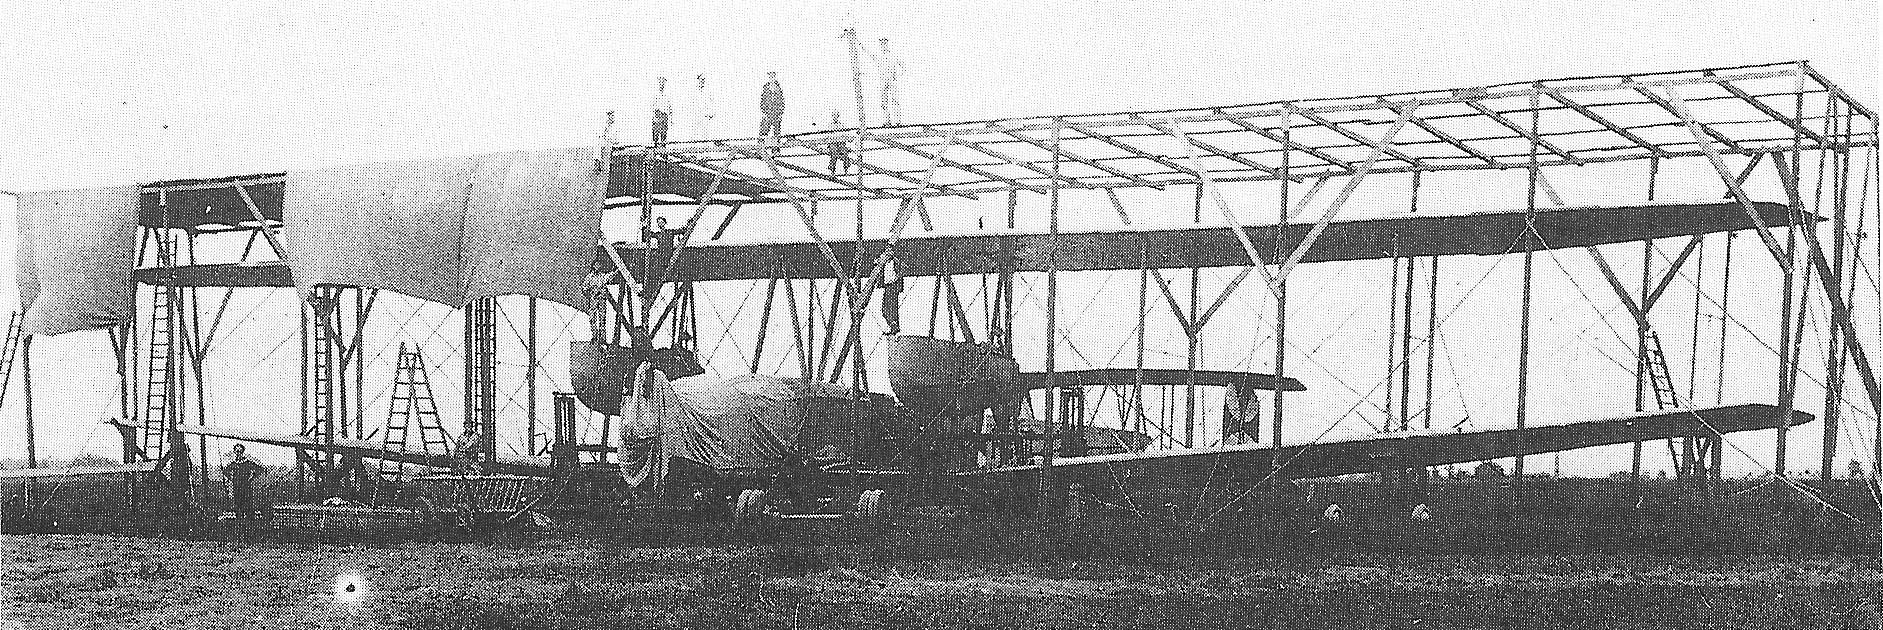 VGO 1 en reparación en Koningsberg